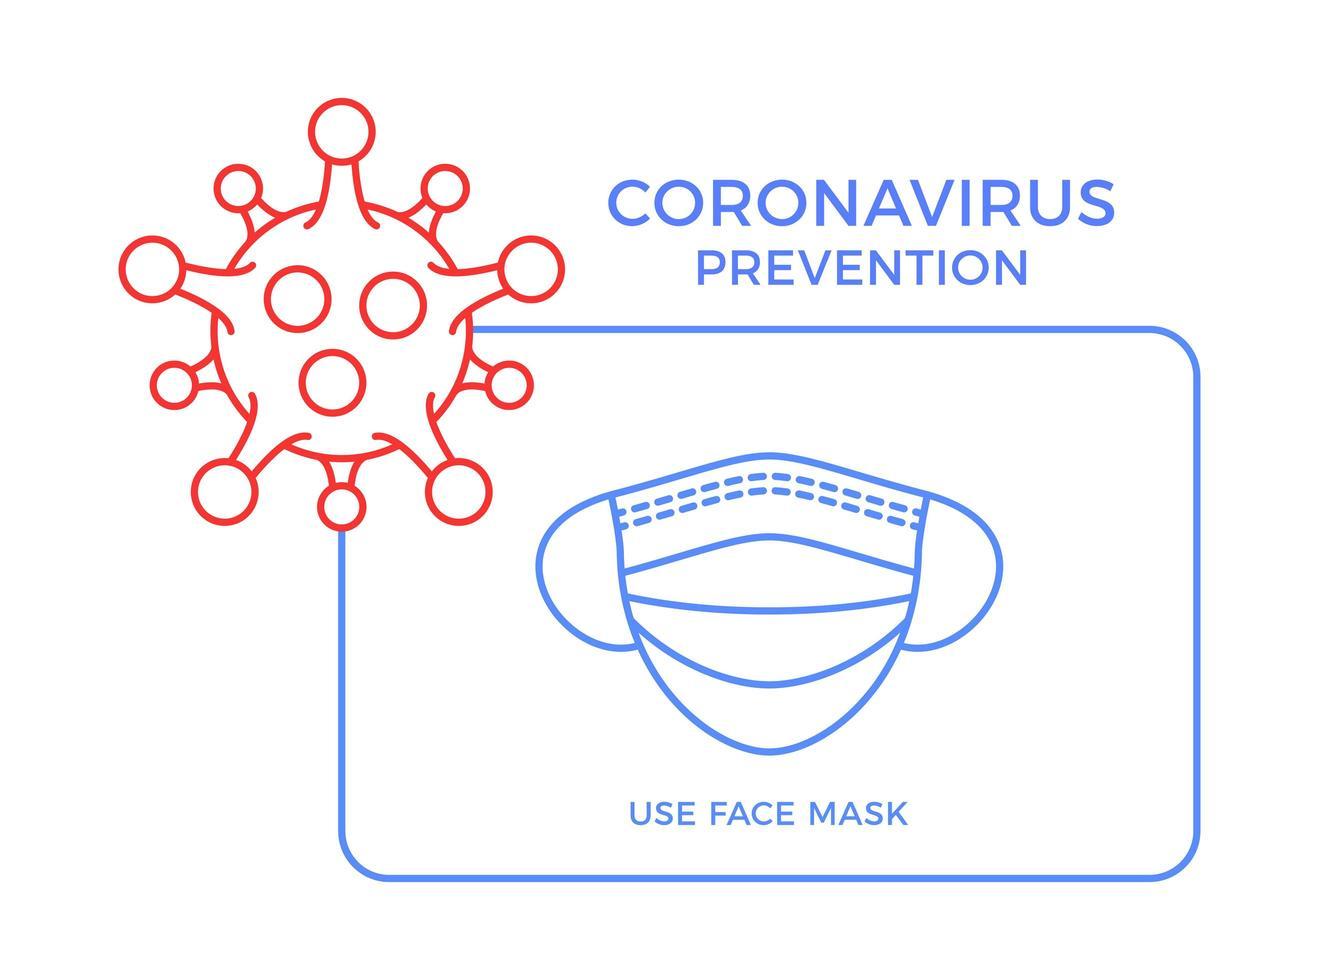 Banner Gesichtsmaske Symbol Prävention Coronavirus. Konzeptschutz covid-19 Zeichenvektorillustration. Hintergrund des Covid-19-Präventionsdesigns. vektor